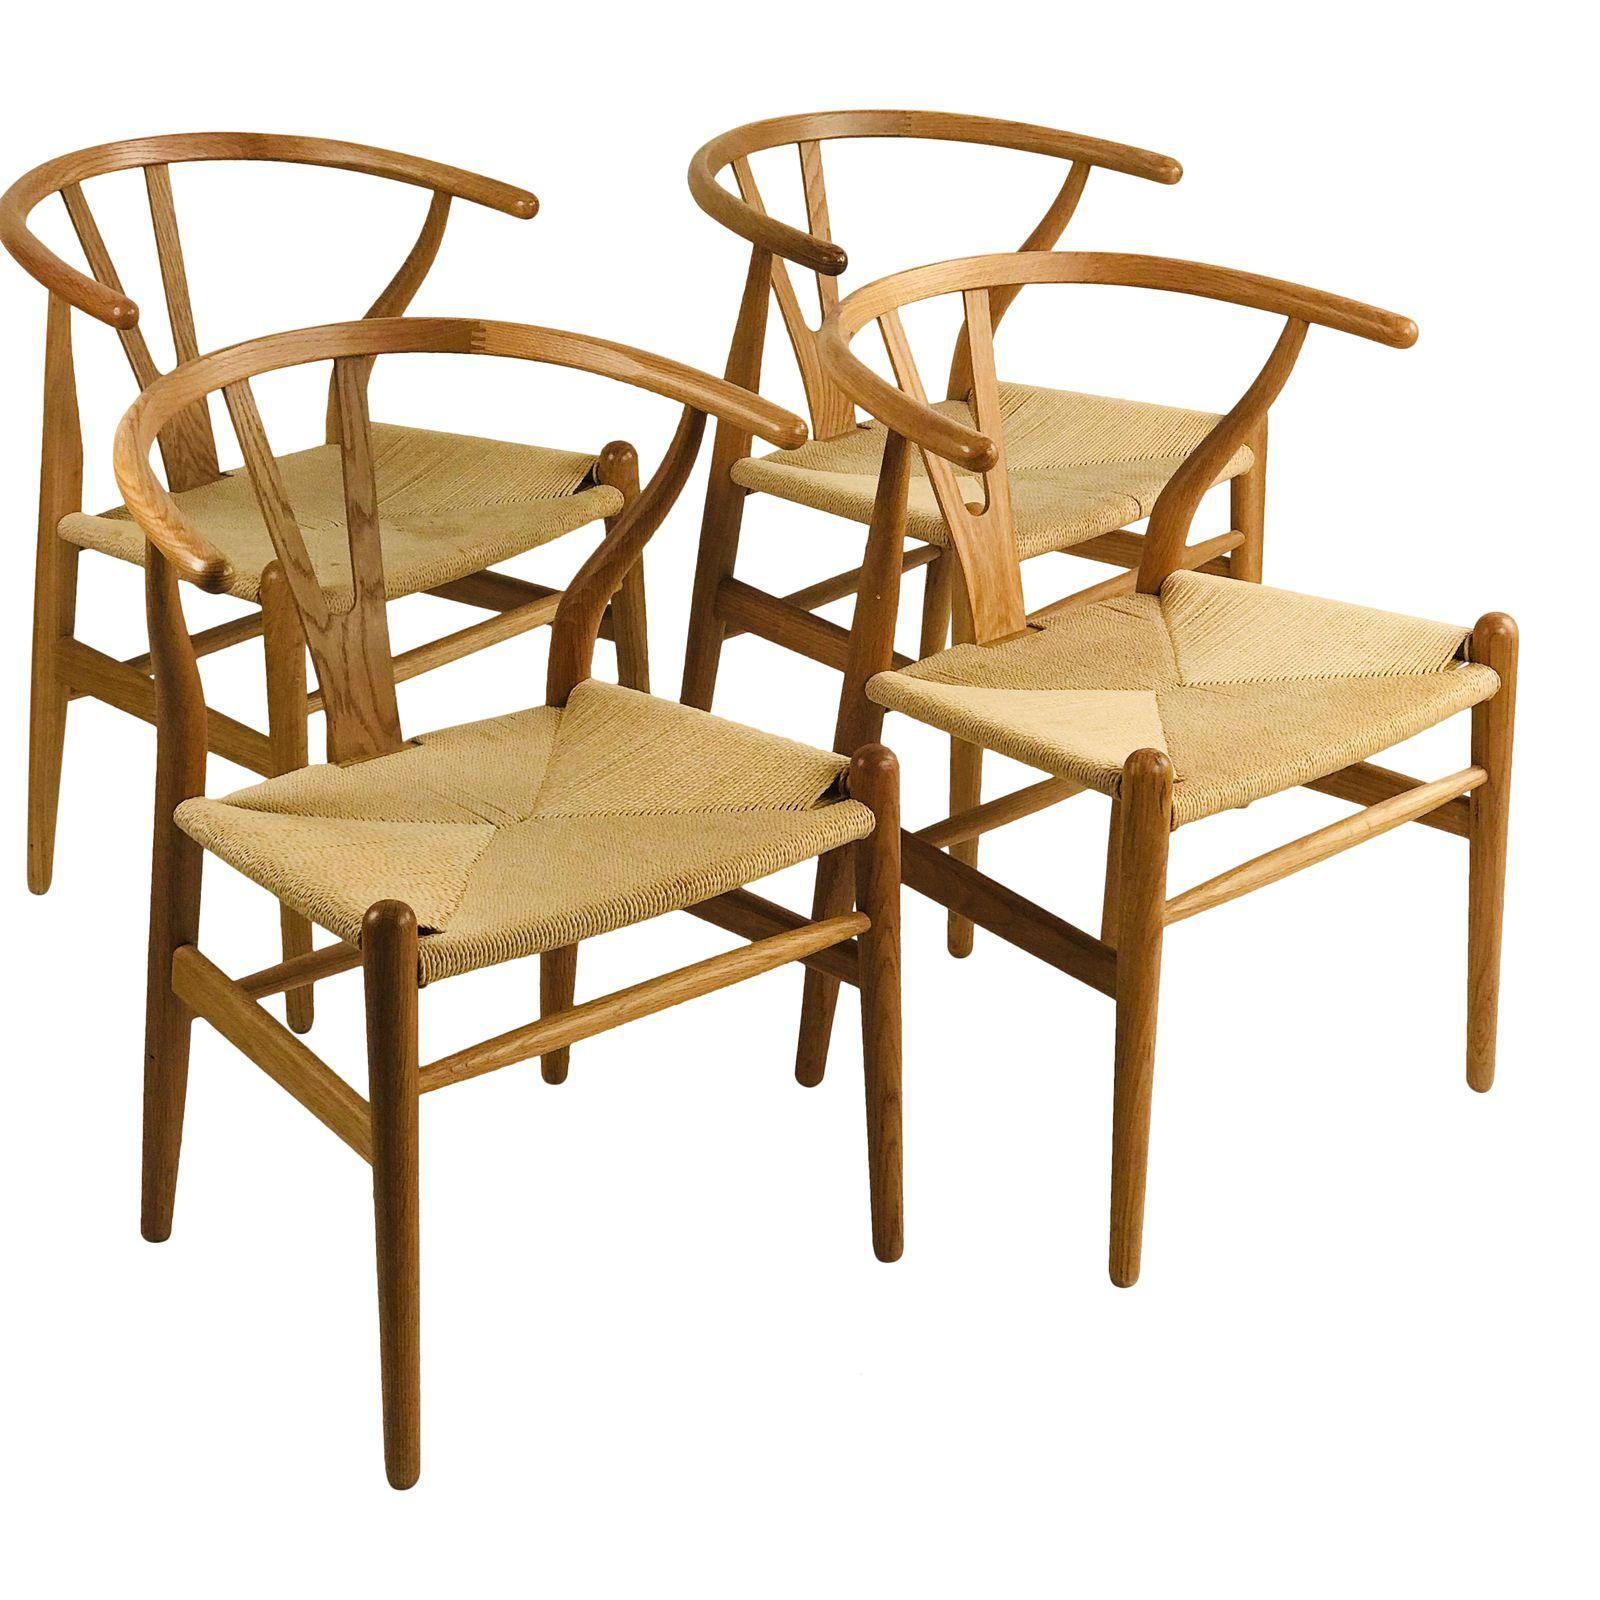 Wegner Wishbone Chairs Set of 4 Image 1 of 6 Chair